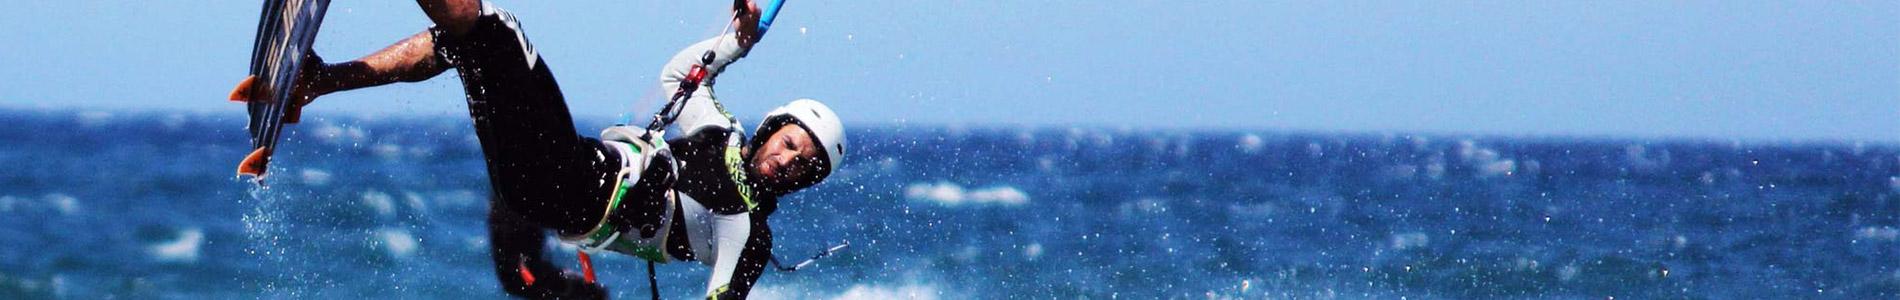 Kitesurfer, Vertrieb 4.0, digitale Herausforderung, Meer